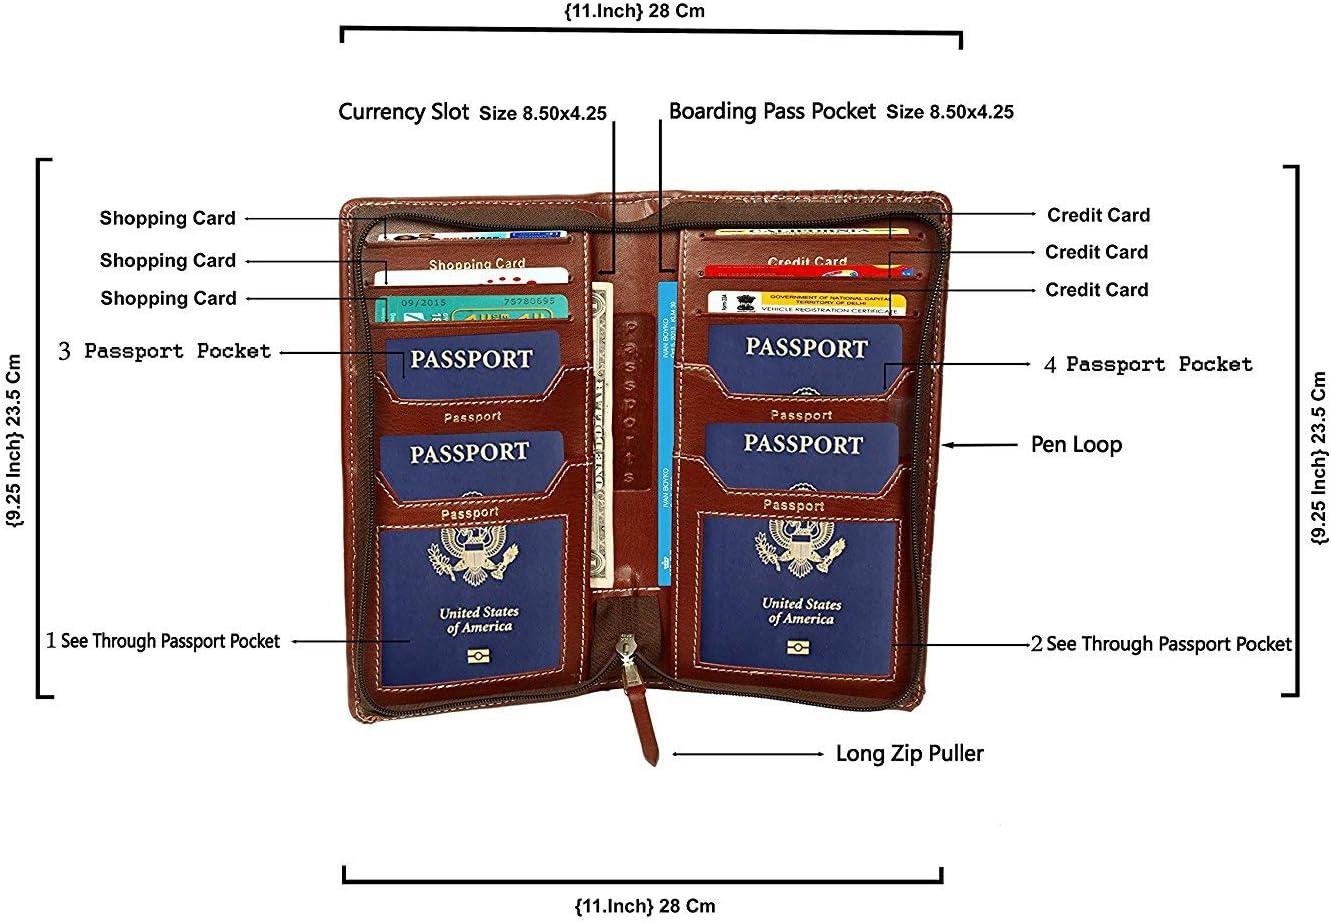 the passport walletpassport ticket walletHarvest thanksgiving wreath 9.1x4.7x0.8